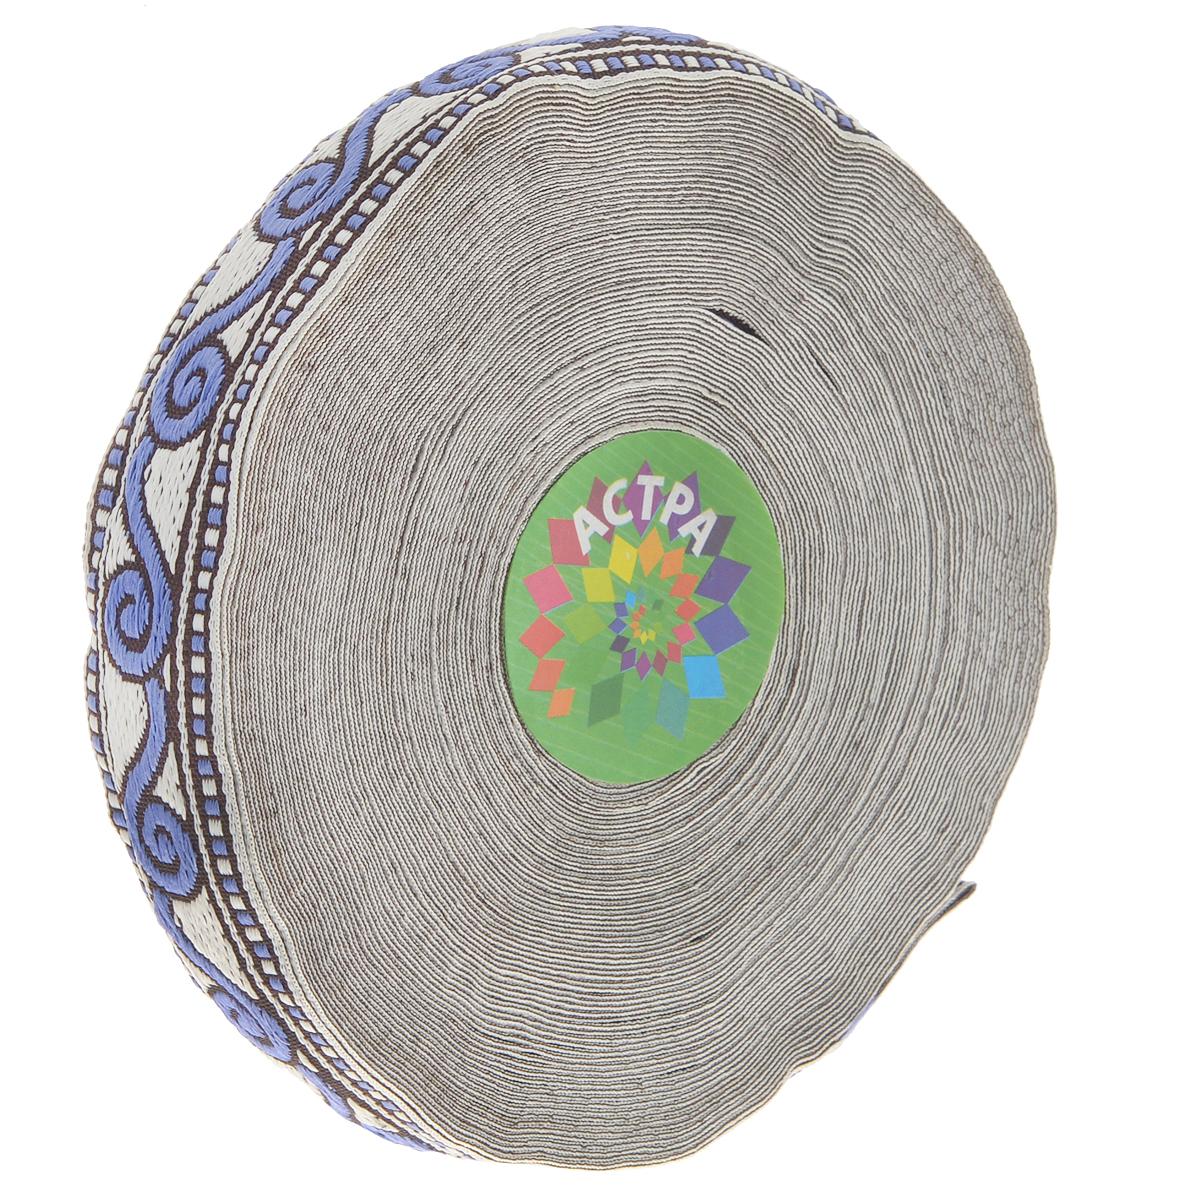 Тесьма декоративная Астра, цвет: синий (1), ширина 2 см, длина 16,4 м. 77032717703271_1Декоративная тесьма Астра выполнена из текстиля и оформлена оригинальным орнаментом. Такая тесьма идеально подойдет для оформления различных творческих работ таких, как скрапбукинг, аппликация, декор коробок и открыток и многое другое. Тесьма наивысшего качества и практична в использовании. Она станет незаменимом элементов в создании рукотворного шедевра. Ширина: 2 см.Длина: 16,4 м.